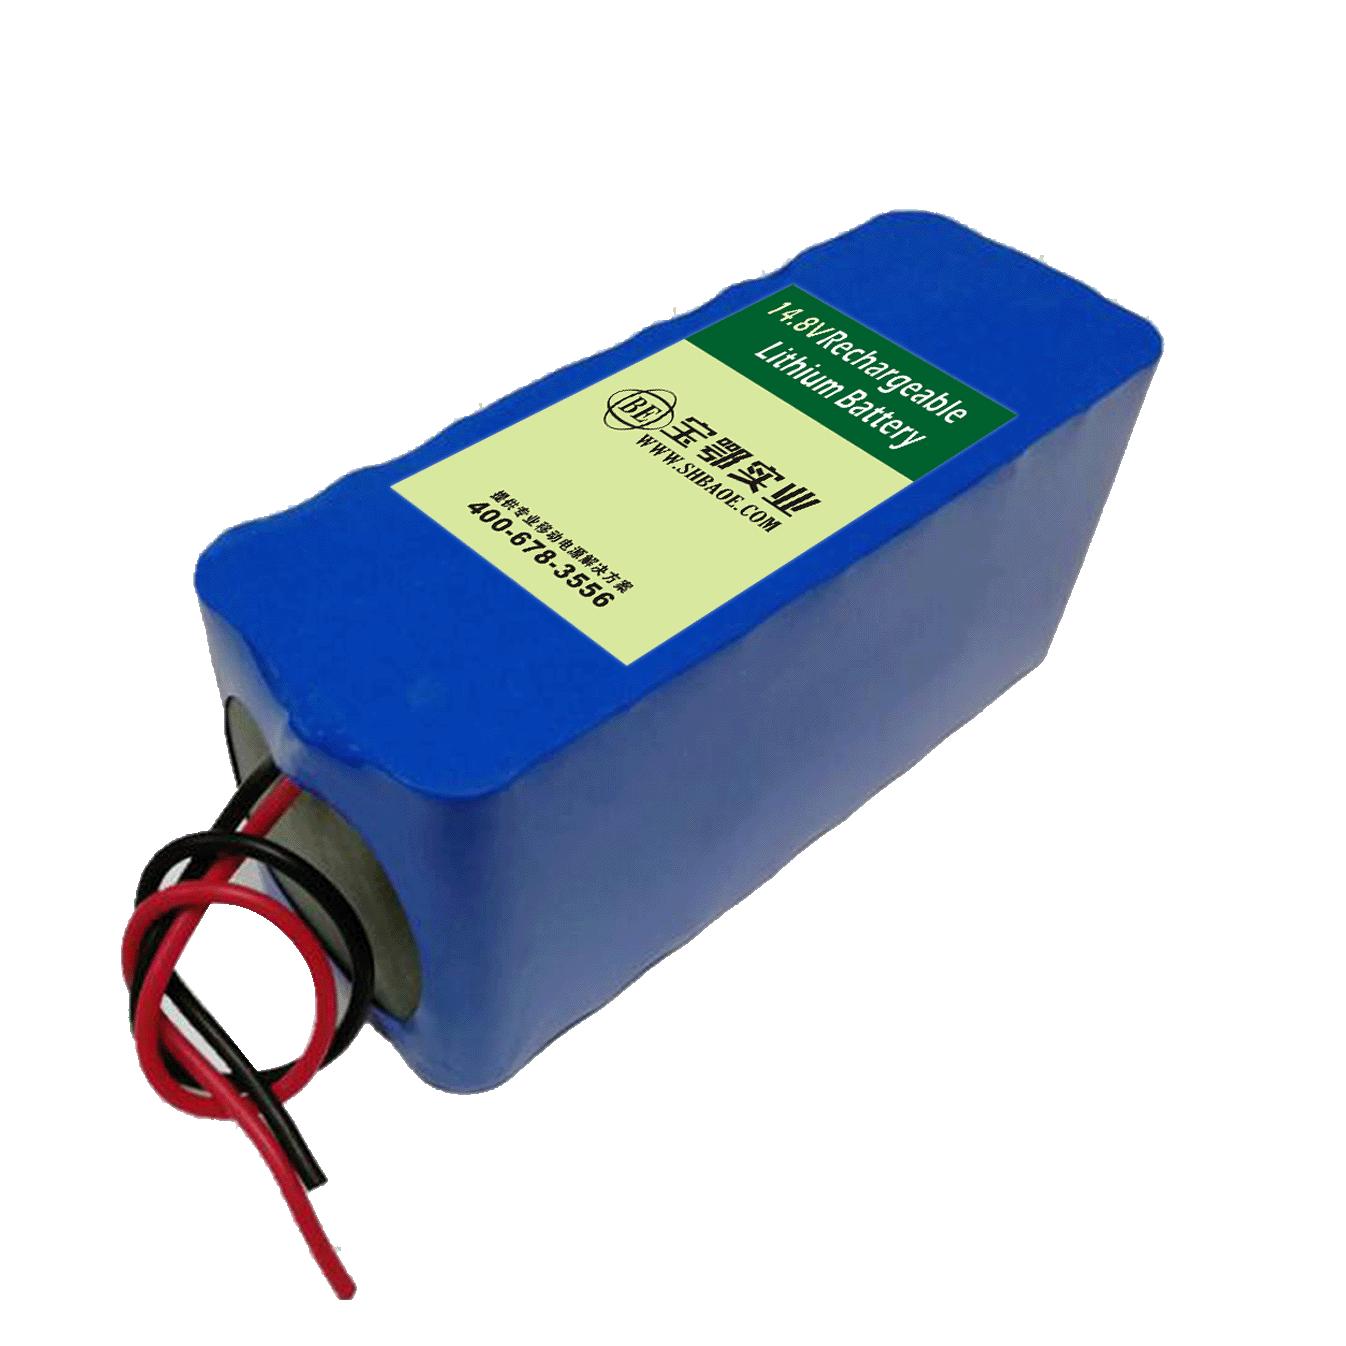 7.4V 3.5Ah 特种移动终端聚合物防爆锂电池